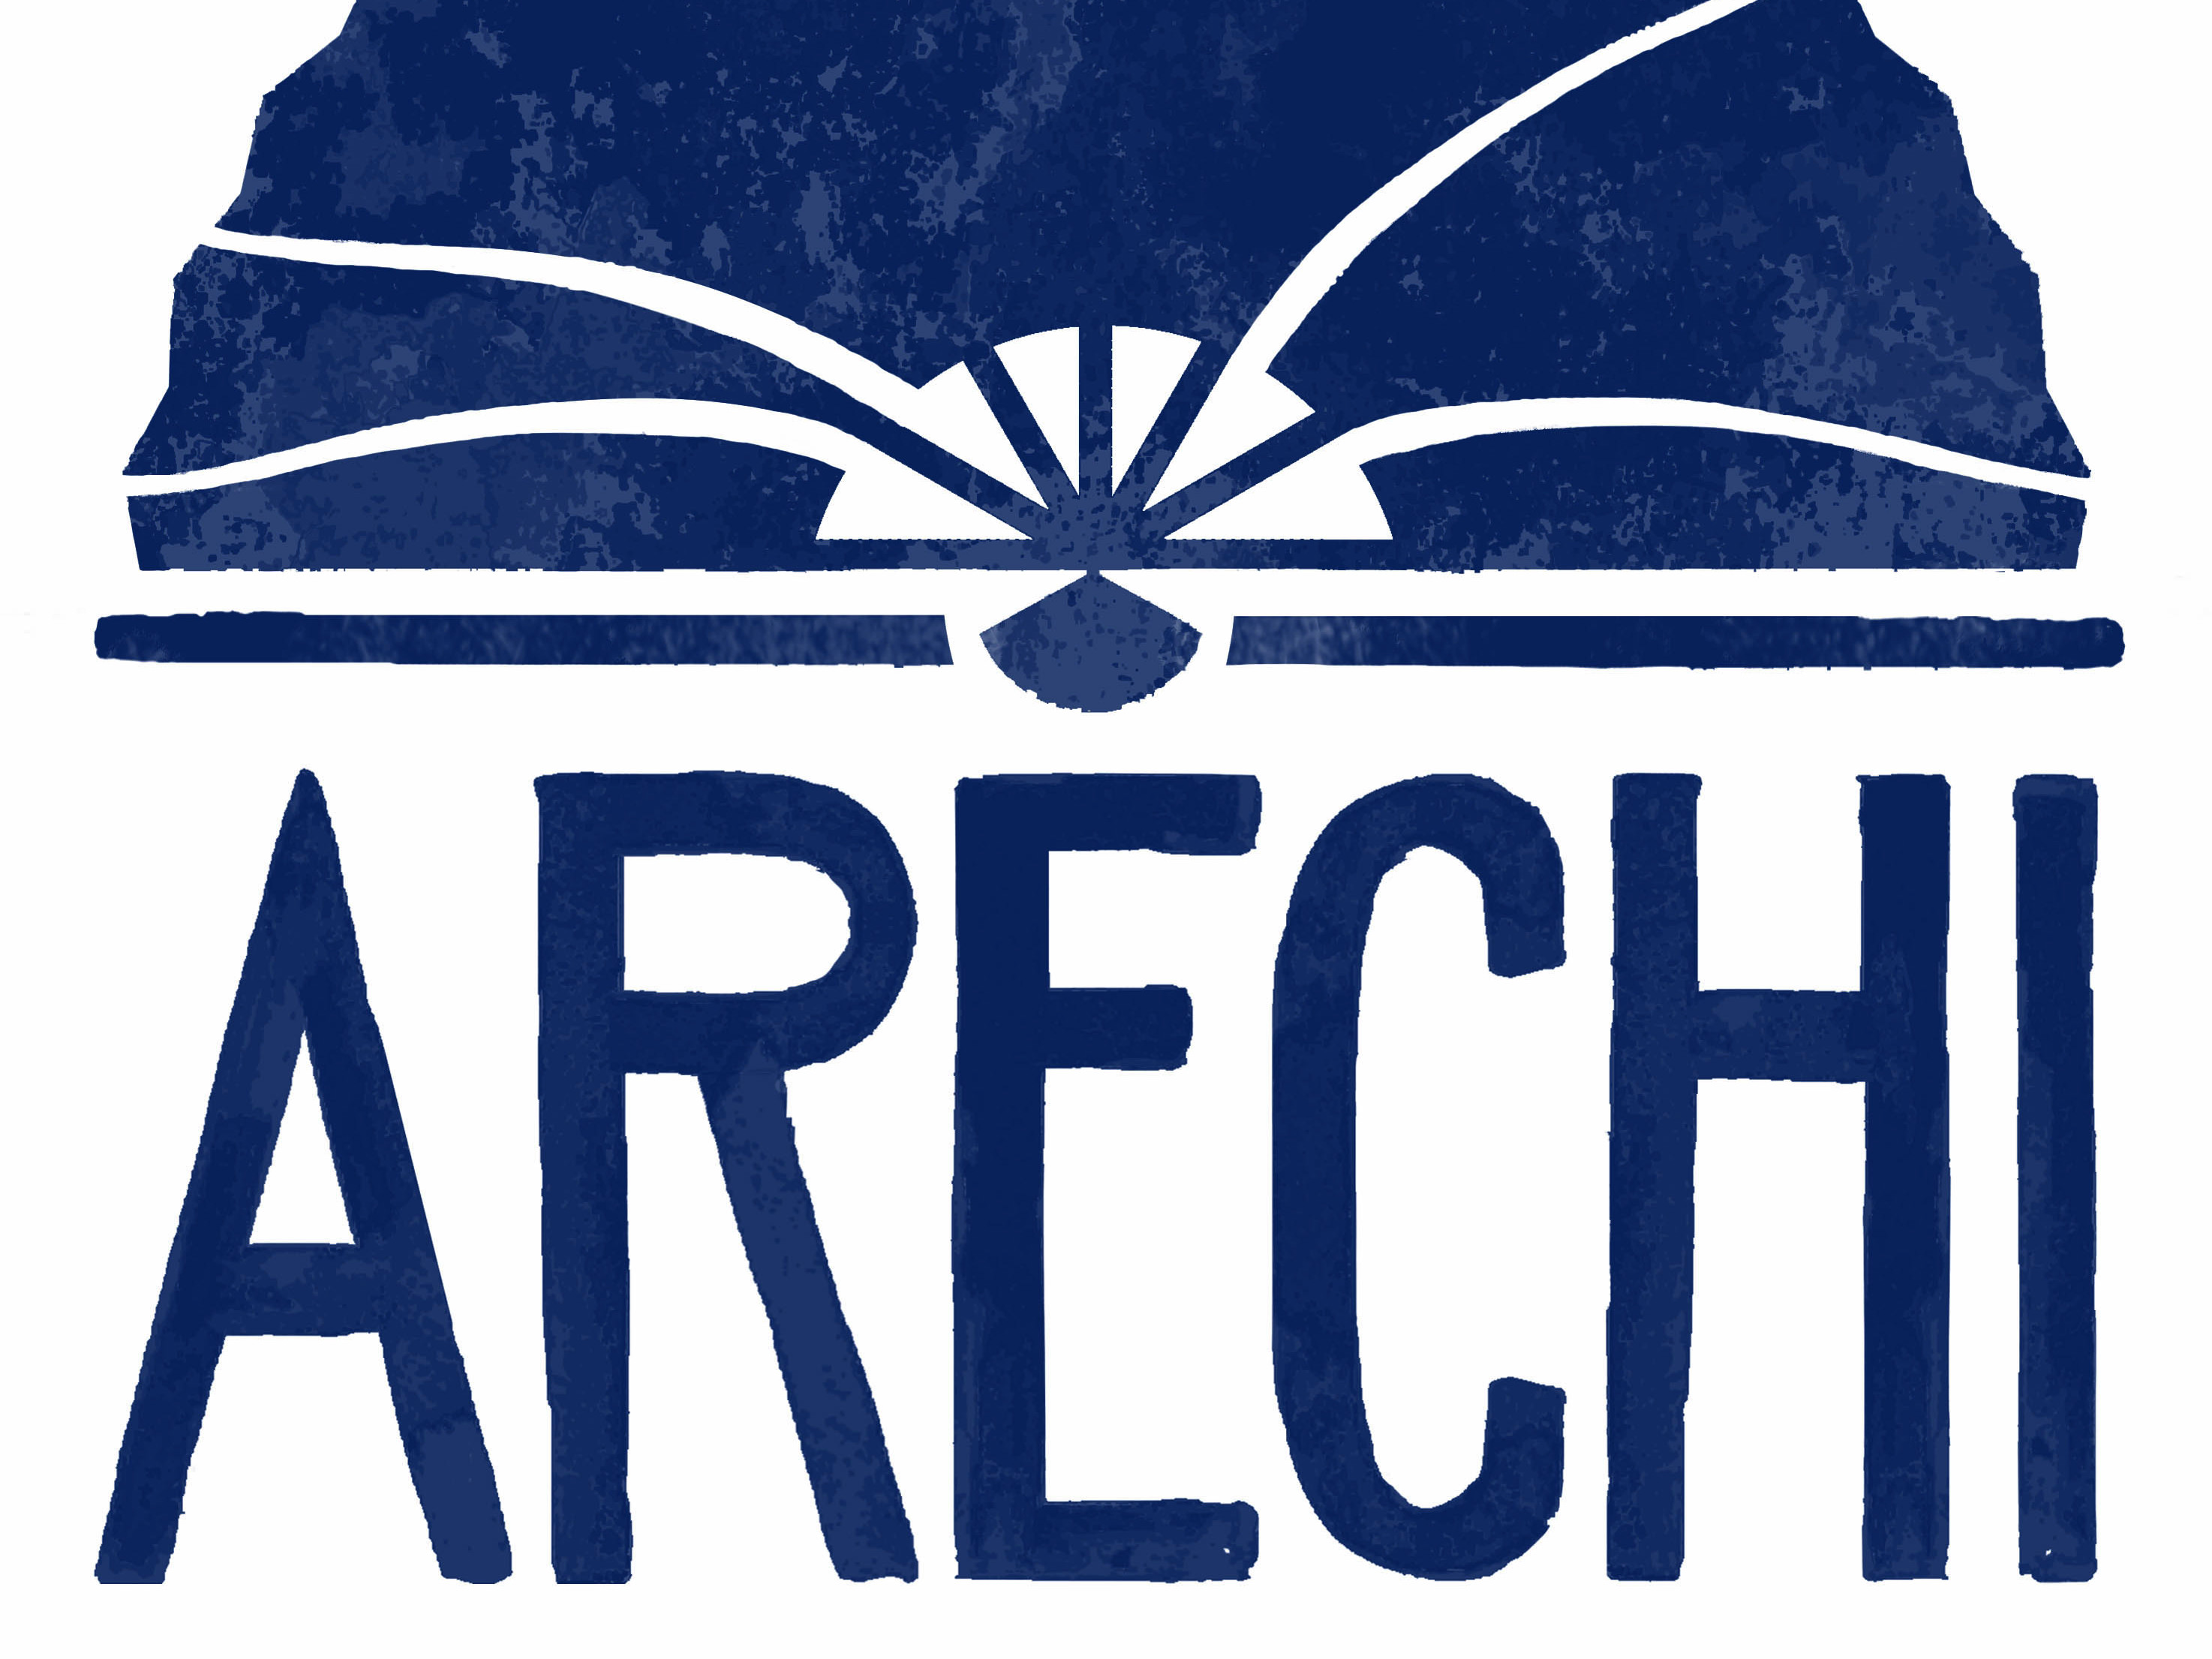 Noticia Arechi Manga. Yermo Ediciones